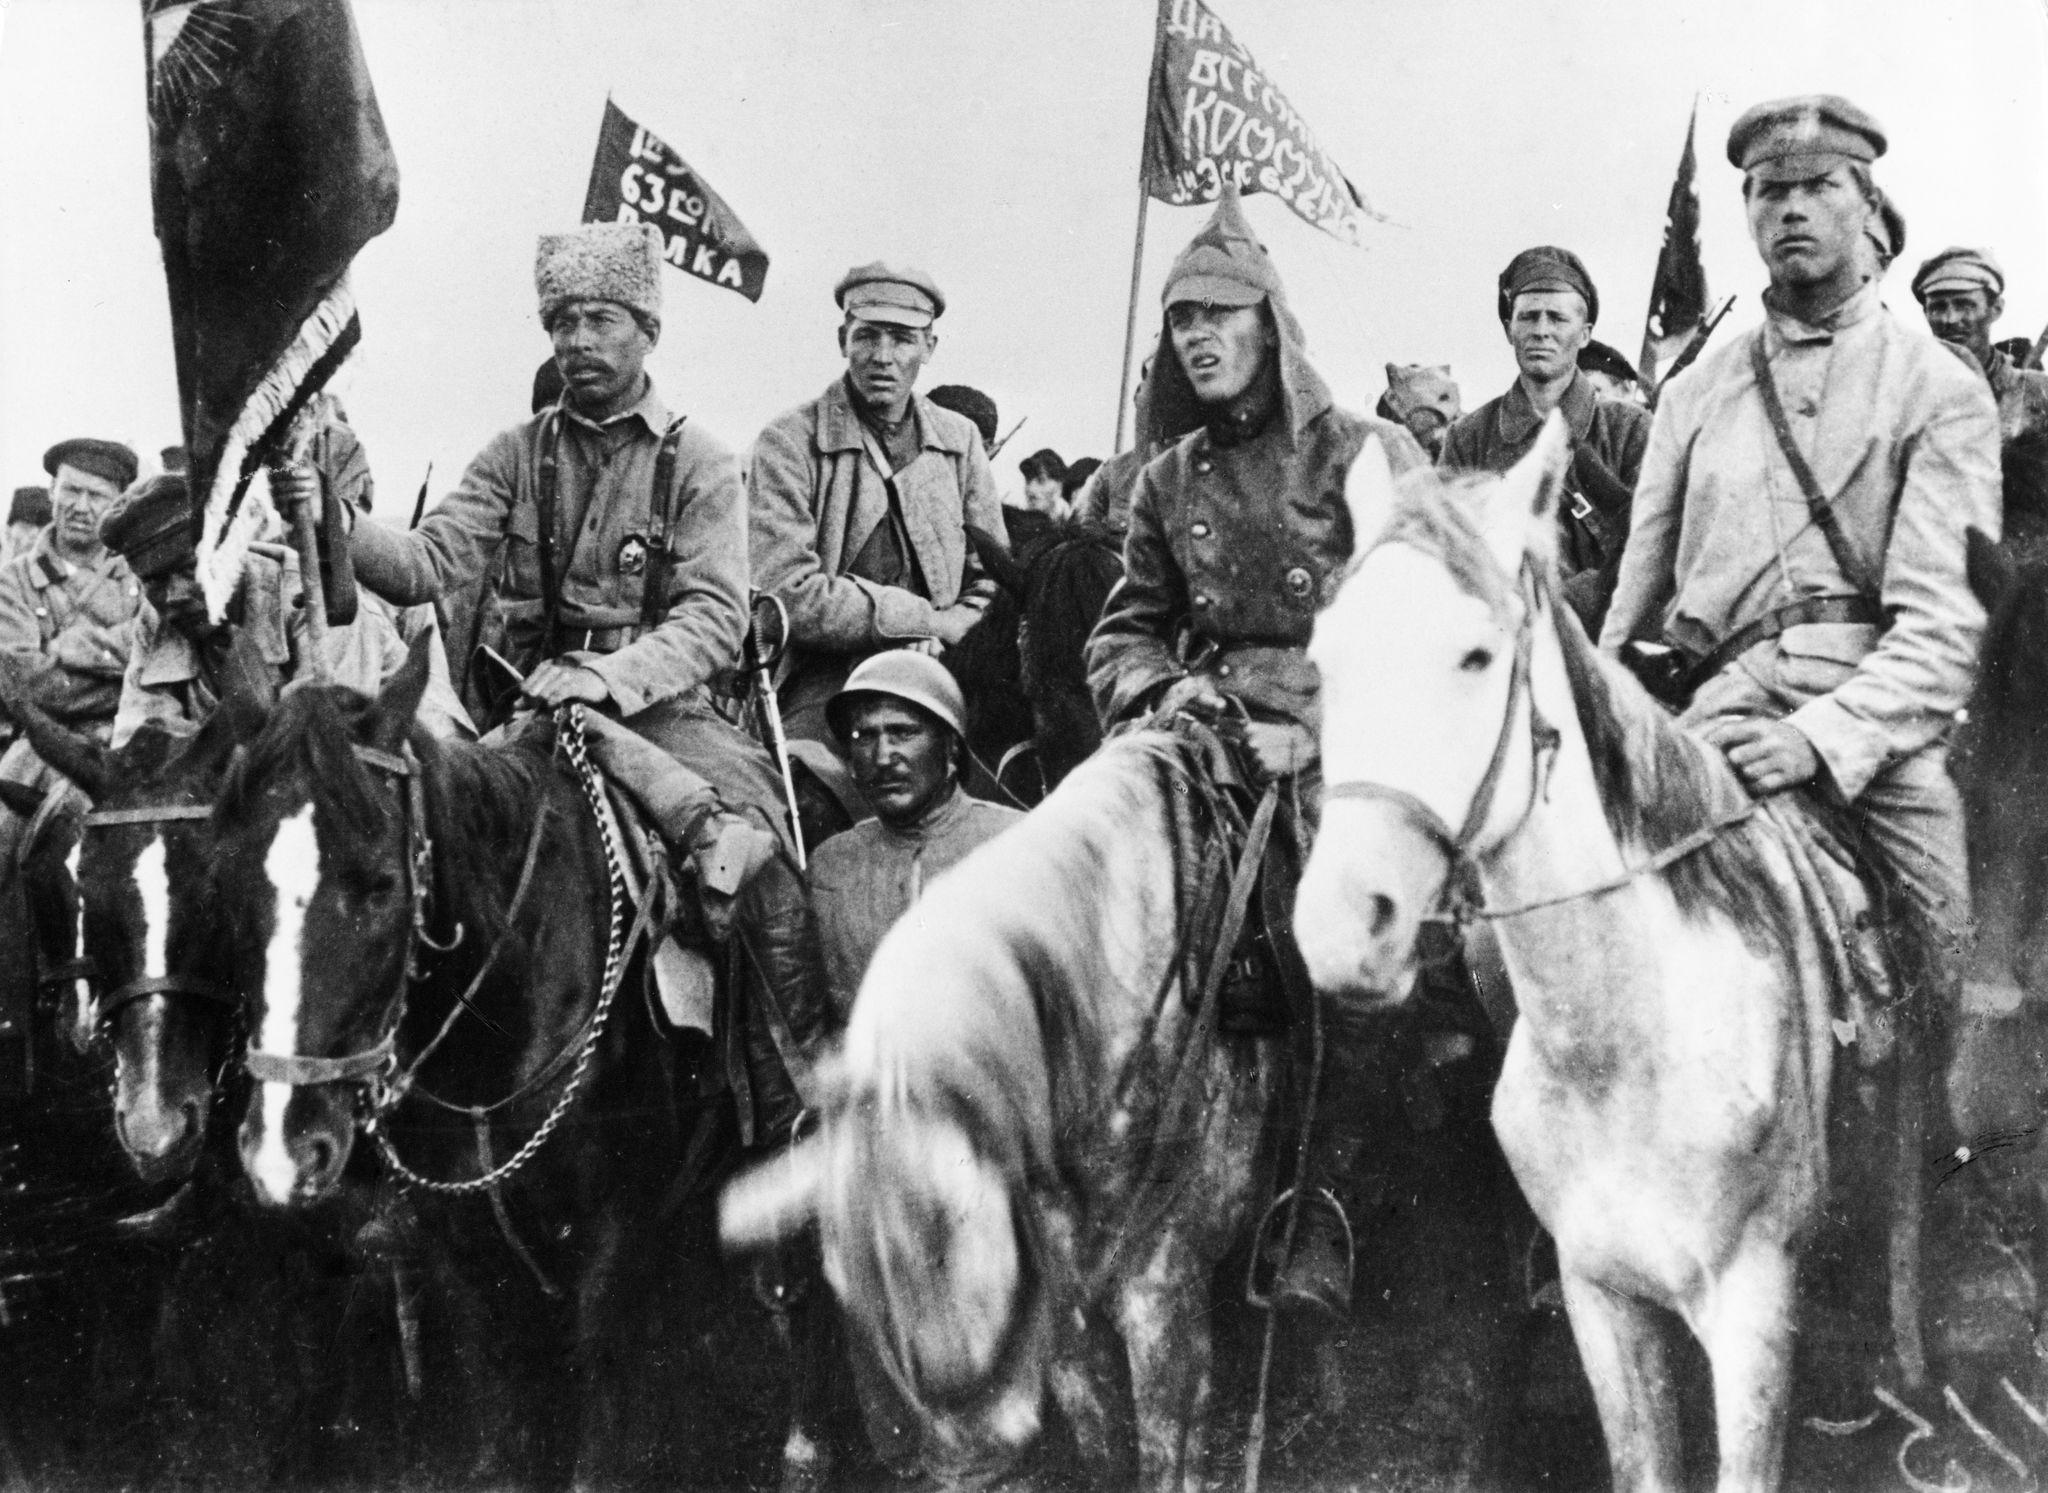 Красноармейцы 1-й конной армии под командованием Семена Буденного на митинге